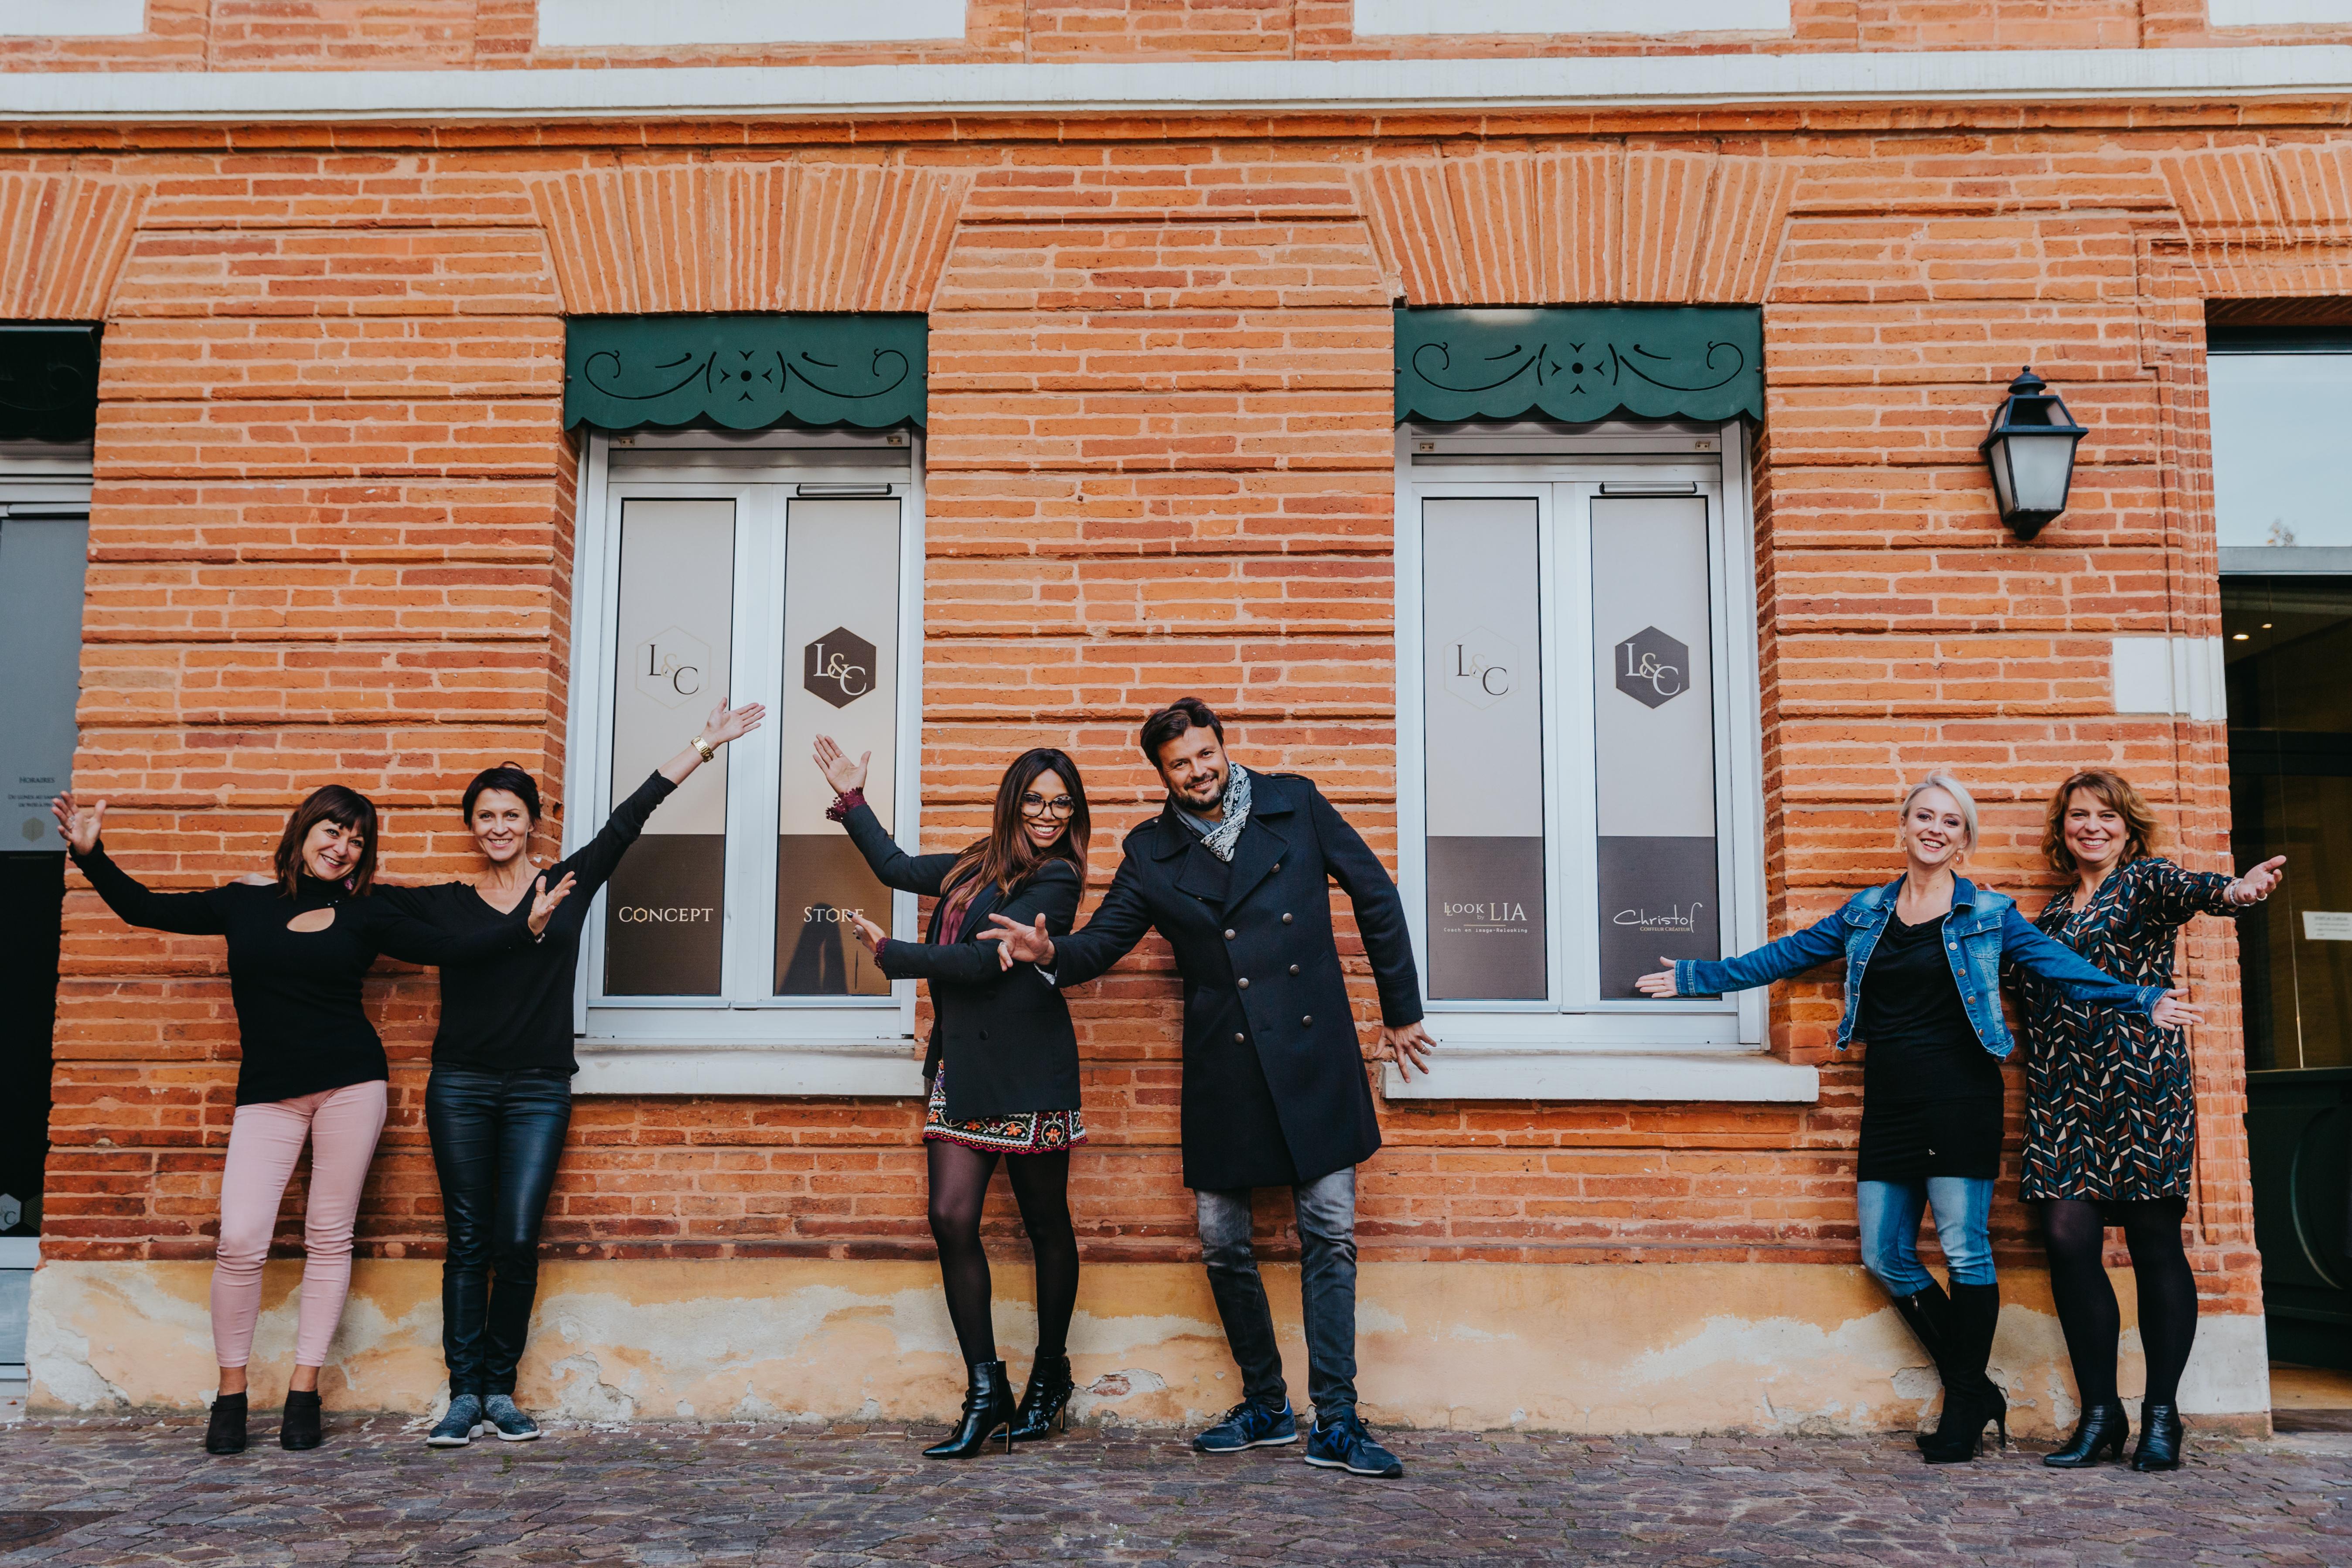 LC CONCEPT STORE Toulouse, prêt-à-porter, salon de beauté, coiffure, relaxation, toulouse